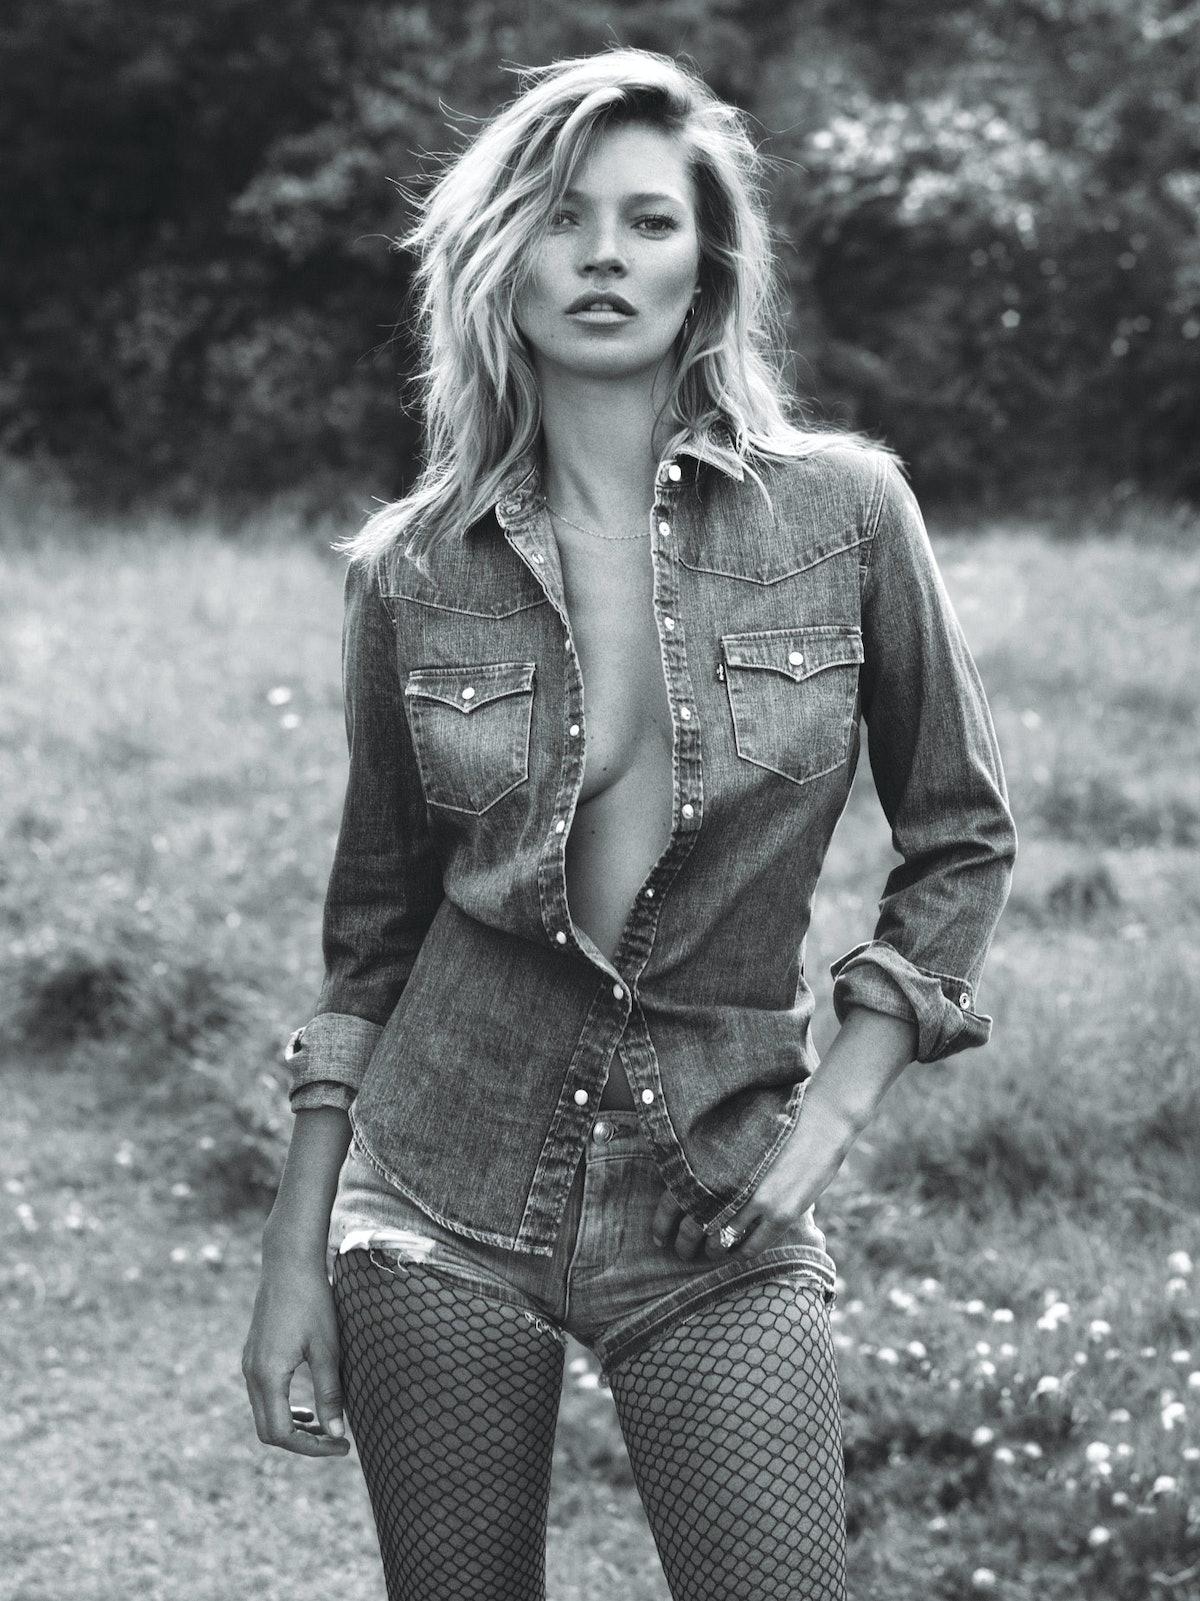 Kate Moss wearing an open denim shirt